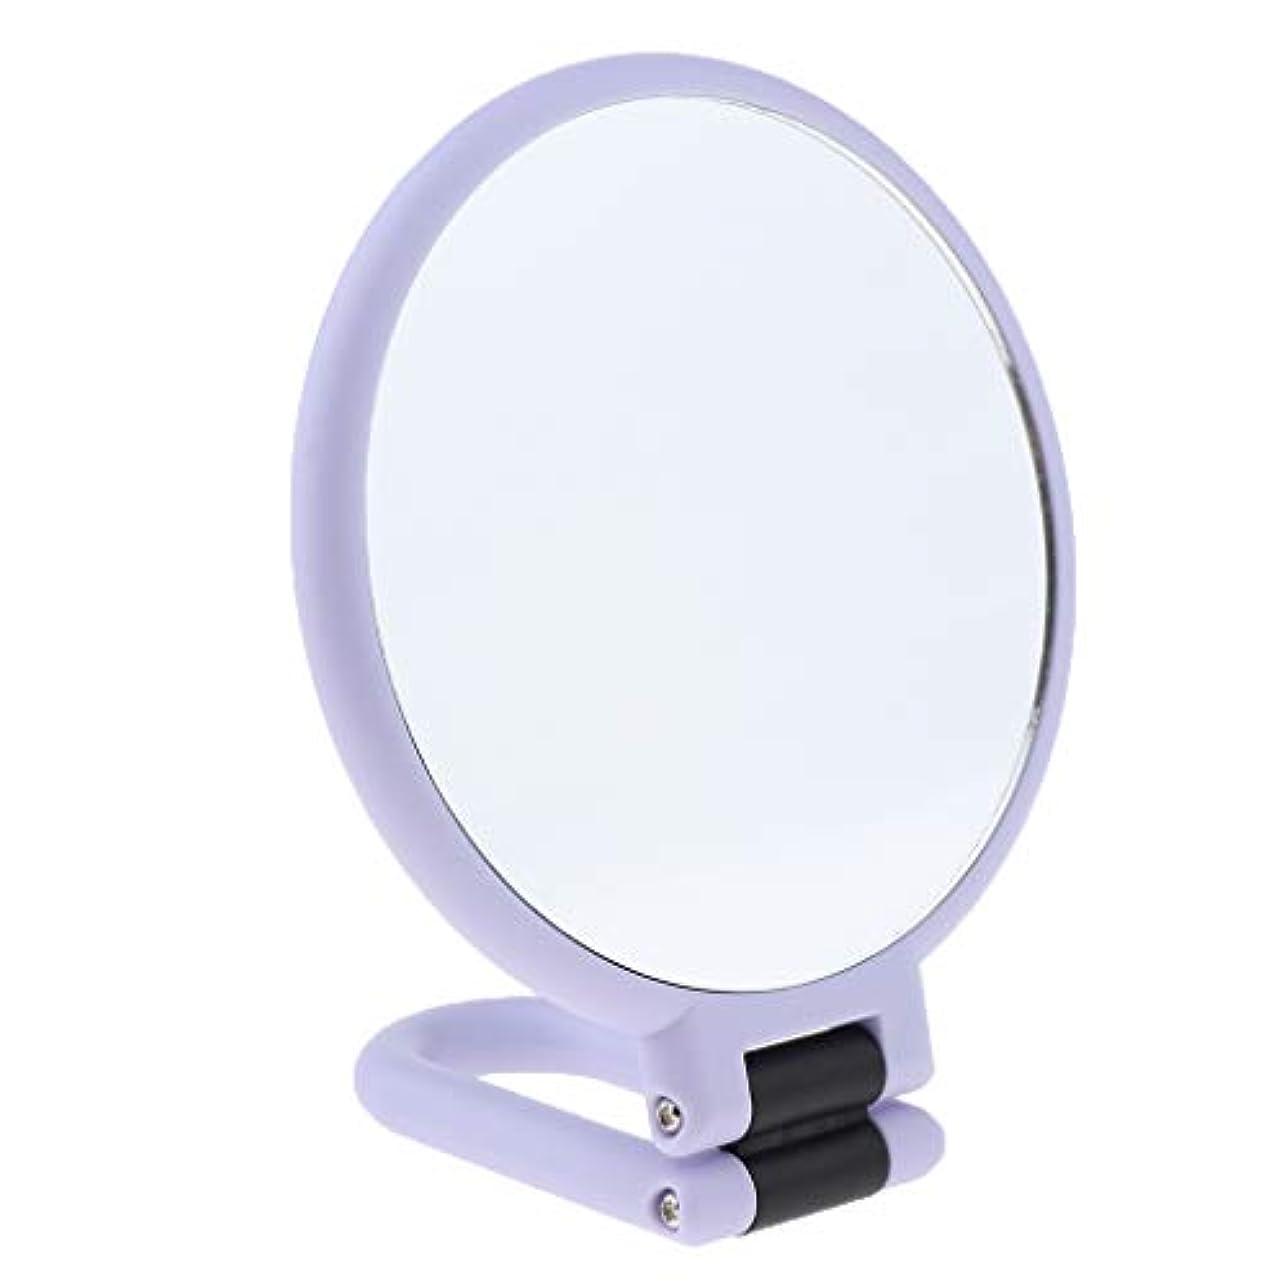 理解するオートマトン結婚式F Fityle 全3サイズ 化粧ミラー メイクミラー 折りたたみ 拡大鏡 化粧鏡 - 2倍の拡大鏡